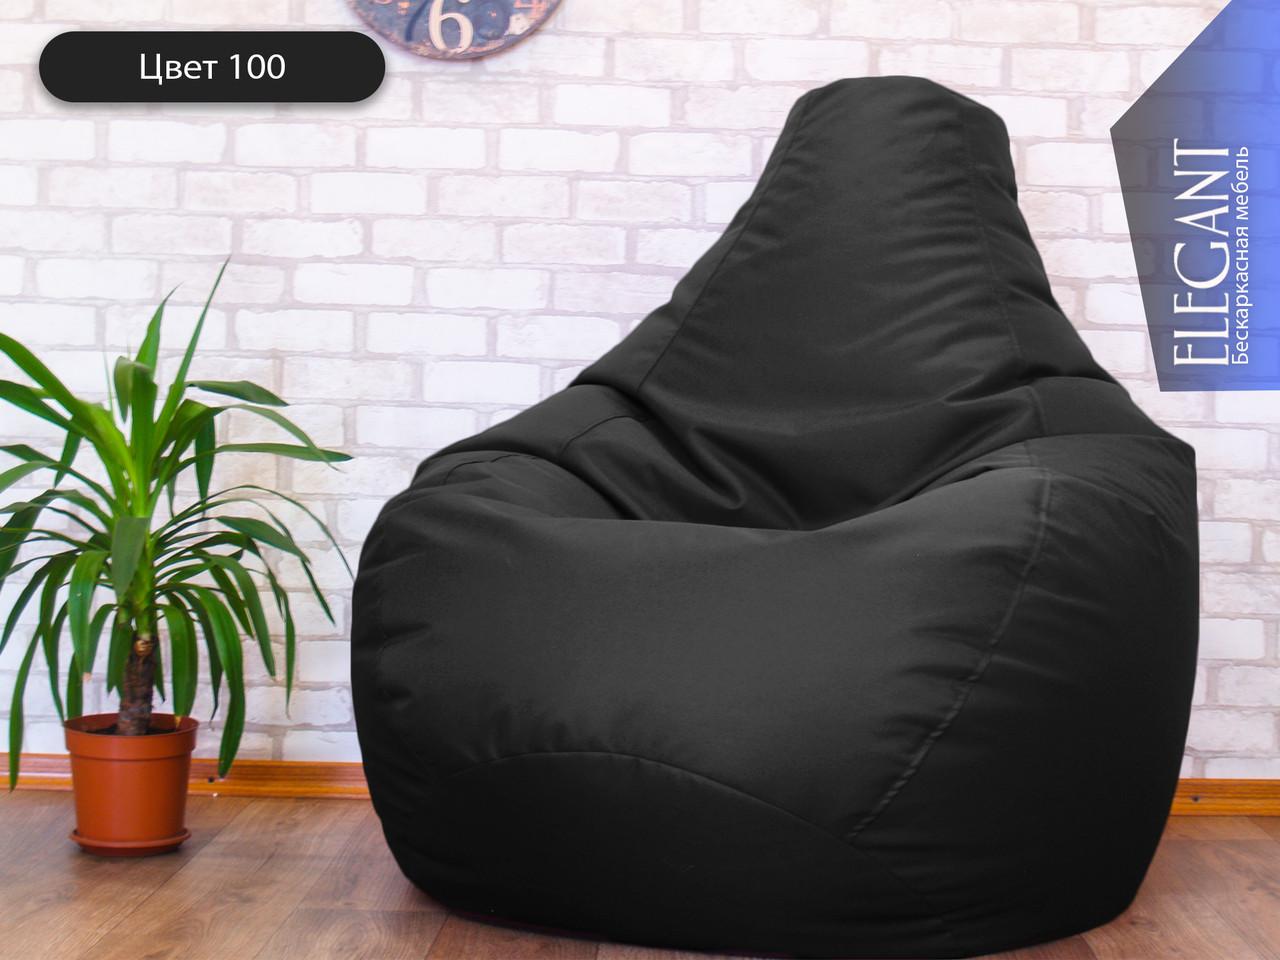 Кресло мешок, бескаркасное кресло Груша ХЛ, зеленое ХХL130*90 см, черный 100